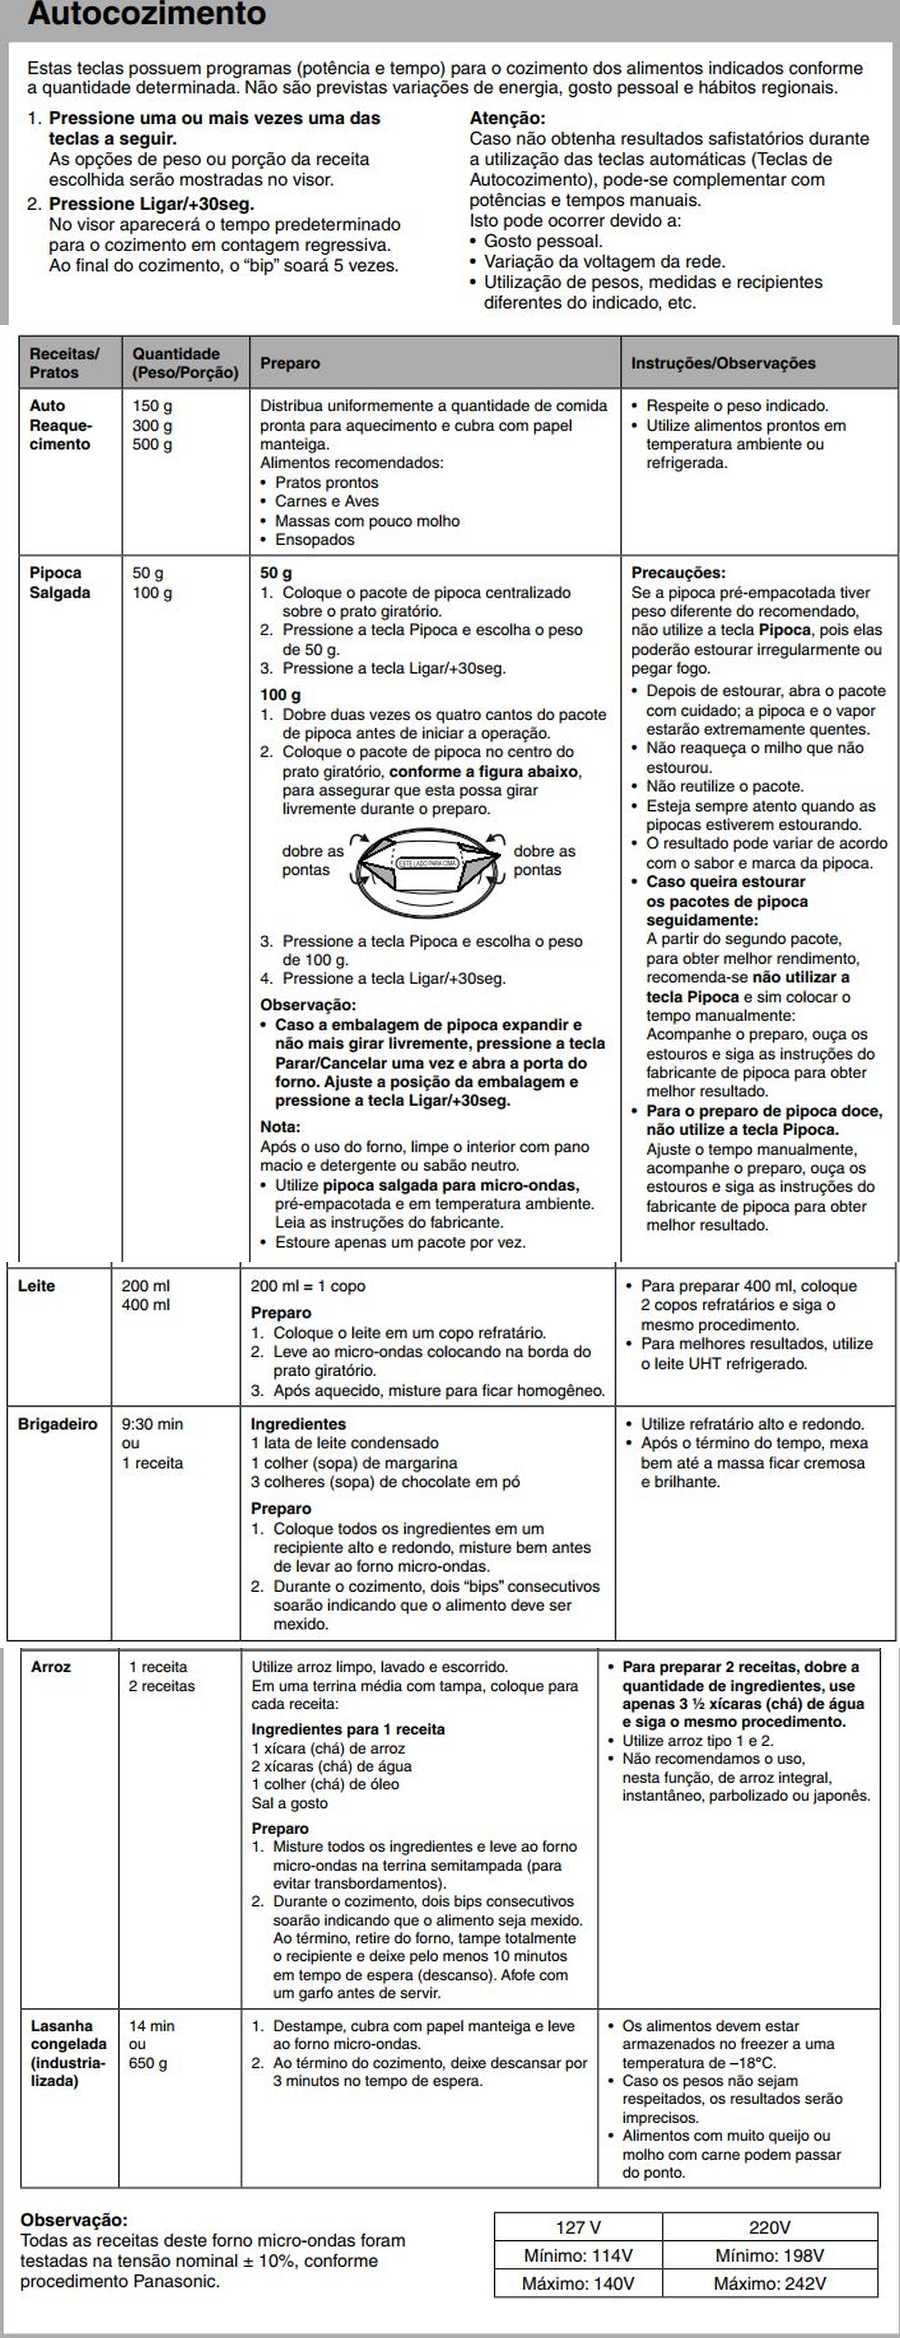 Manual de instruções do microondas Panasonic NN-ST254 - Autocozimento